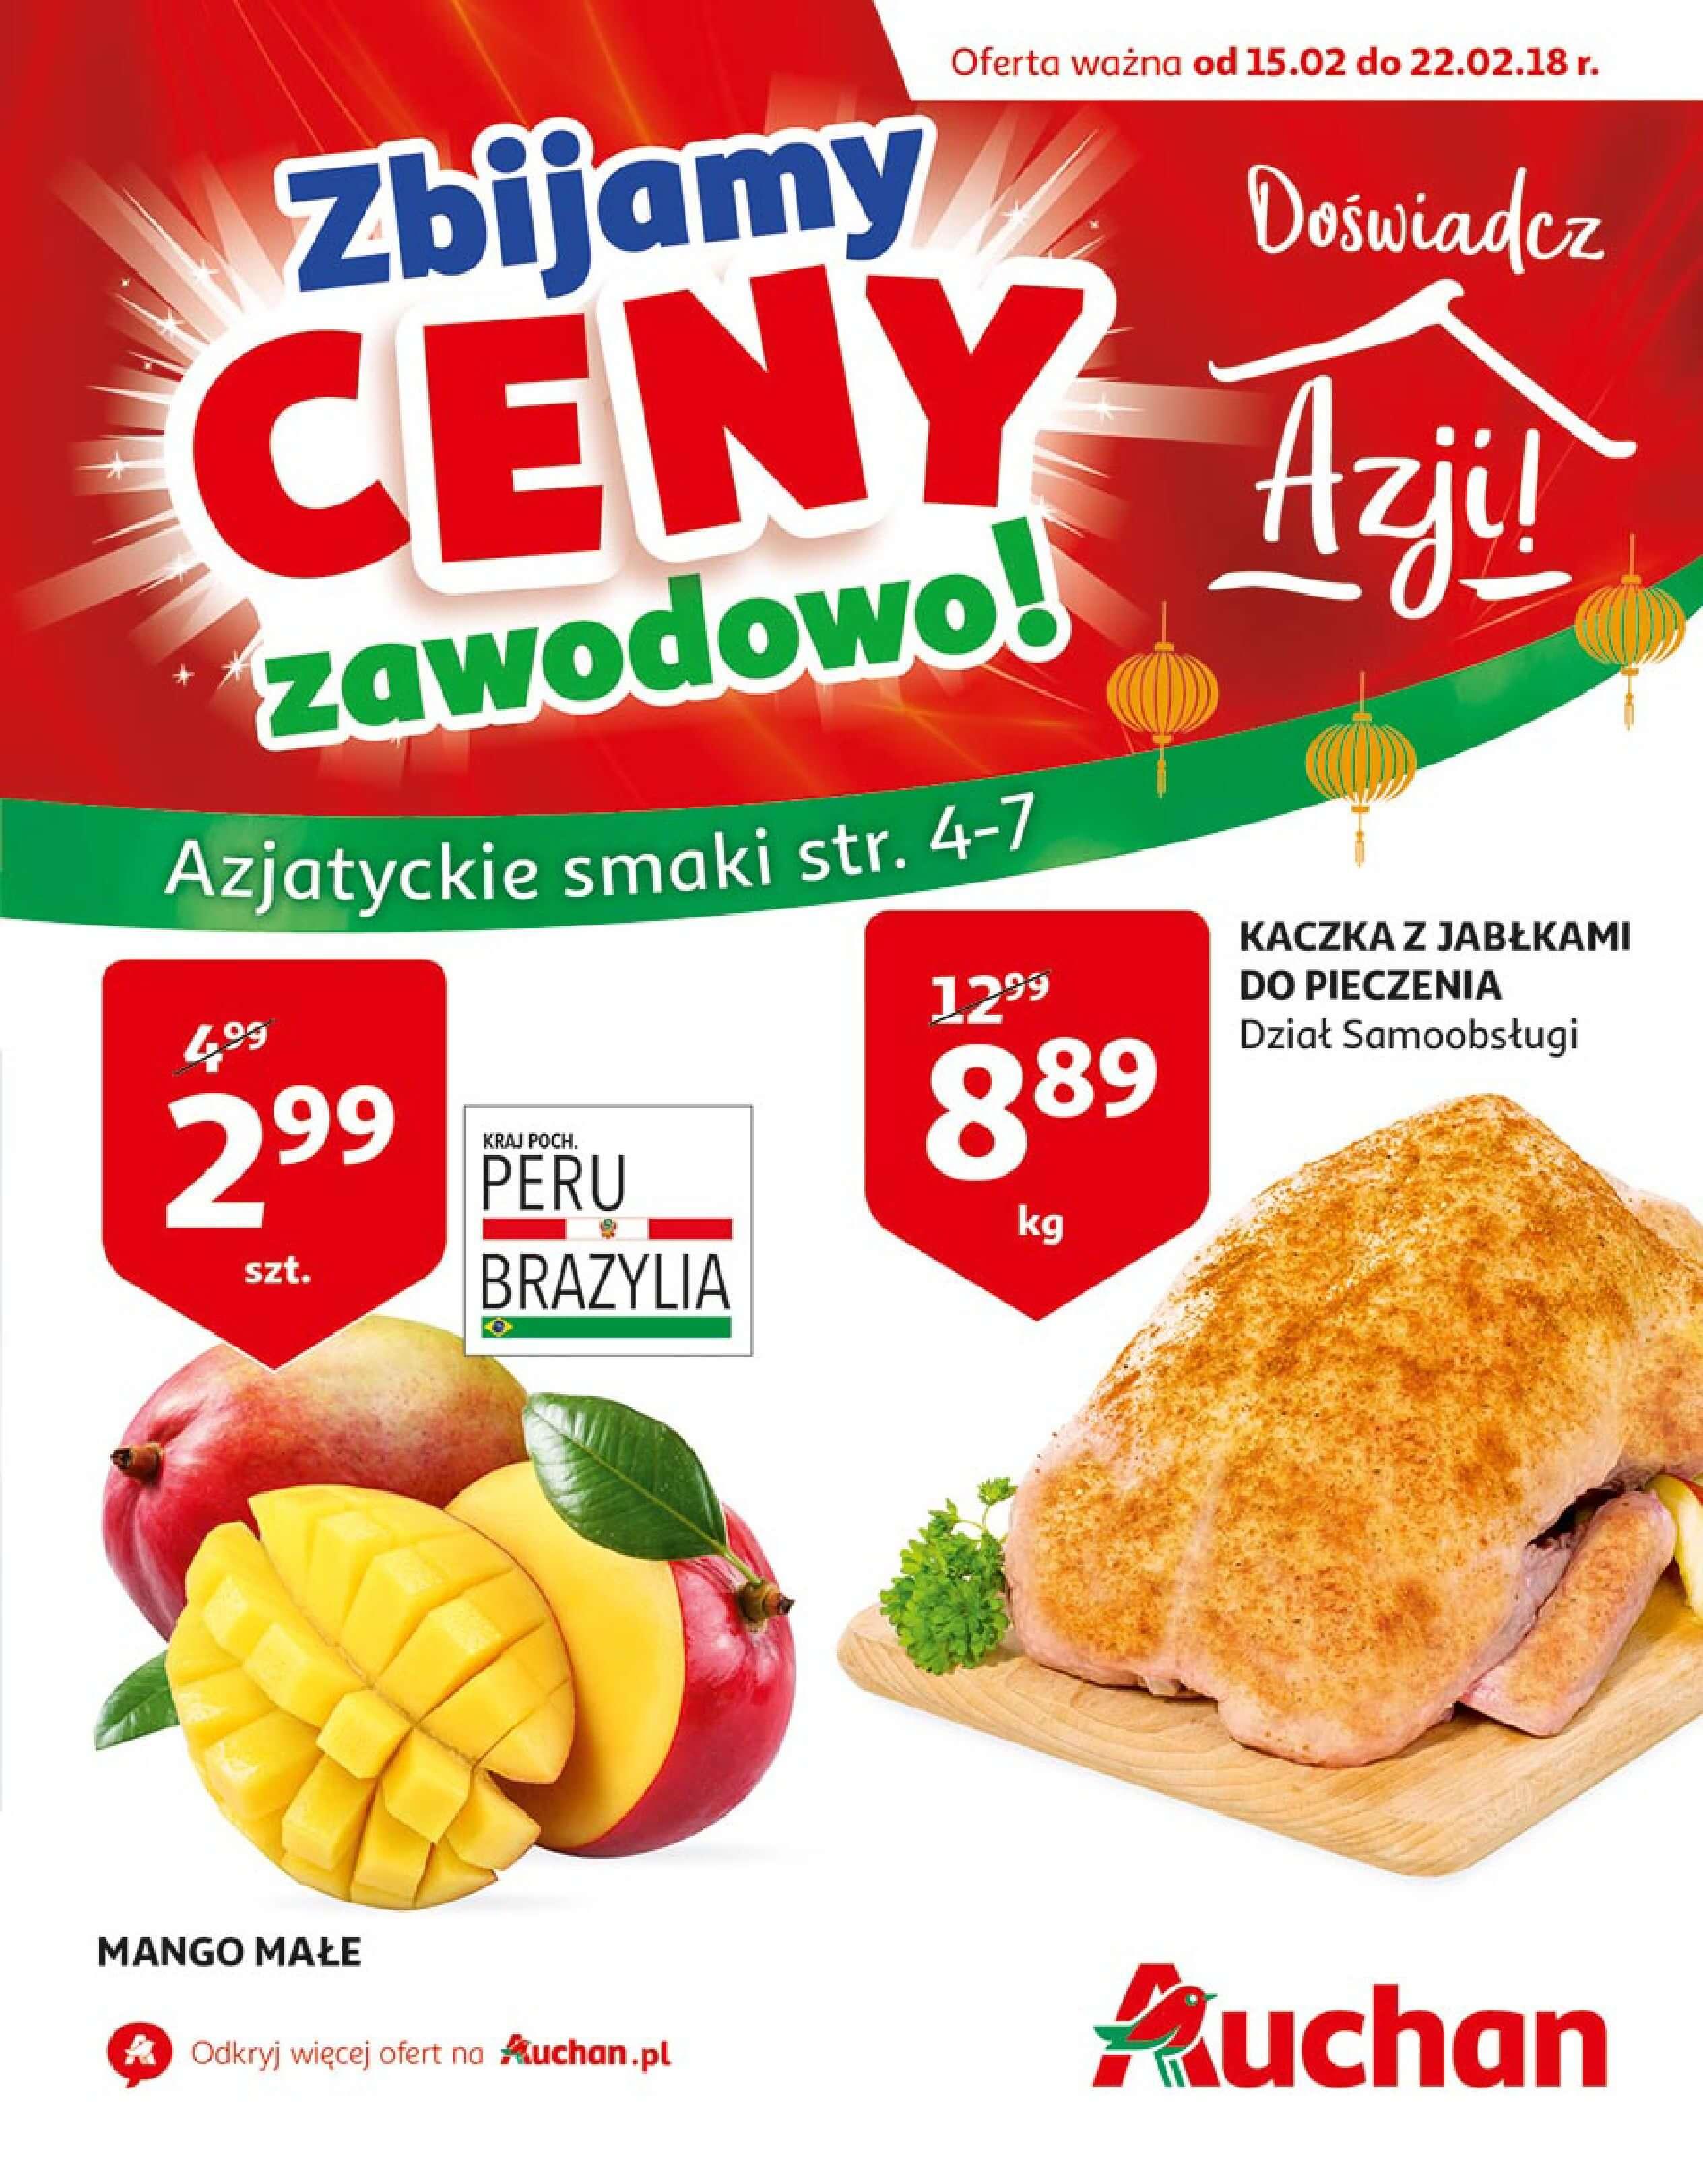 Gazetka Auchan - Zbijamy ceny zawodowo!-14.02.2018-22.02.2018-page-1